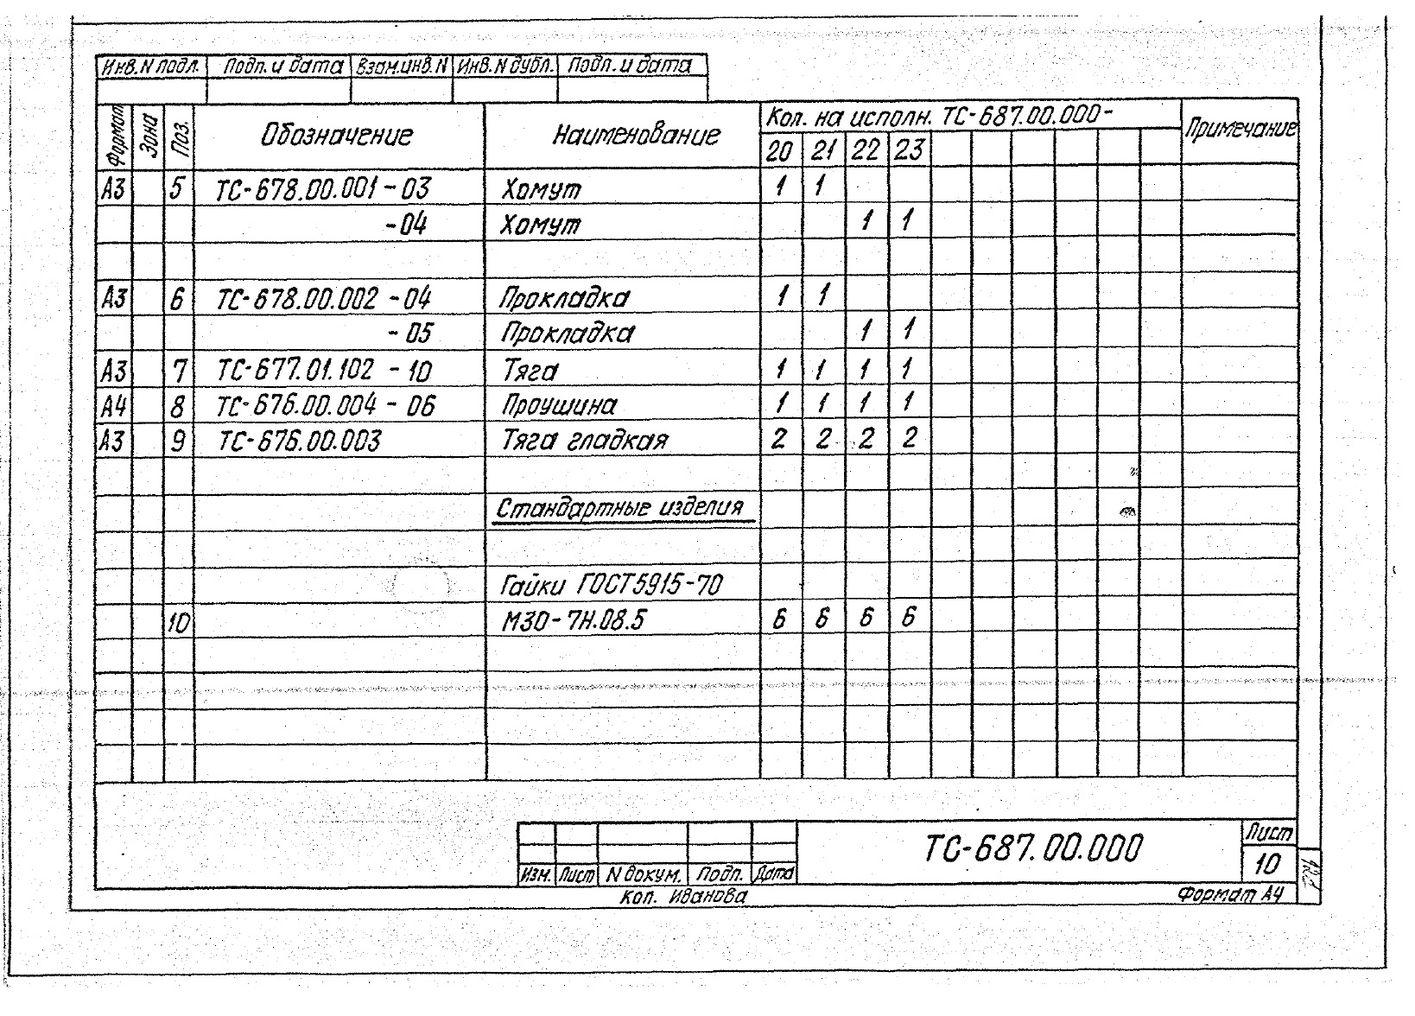 Подвески пружинные для горизонтальных трубопроводов Дн 159-426 мм ТС-687.00.000 СБ серия 5.903-13 выпуск 6-95 стр.13